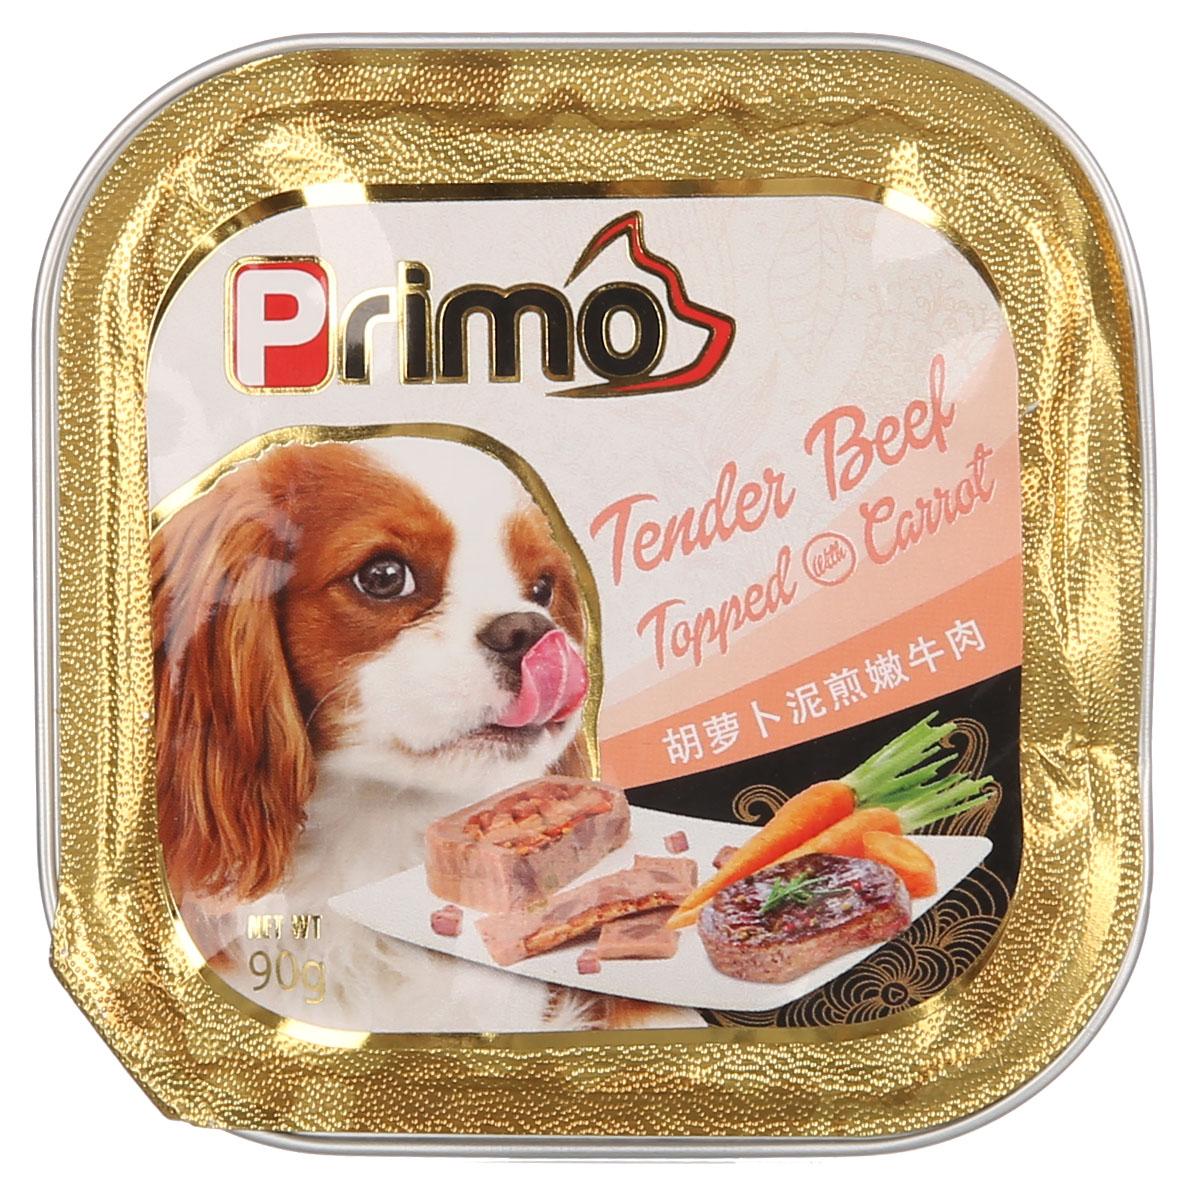 波奇网 宠物狗罐头Primo主厨精致狗罐系列-青豆焗嫩鸡90克狗零食